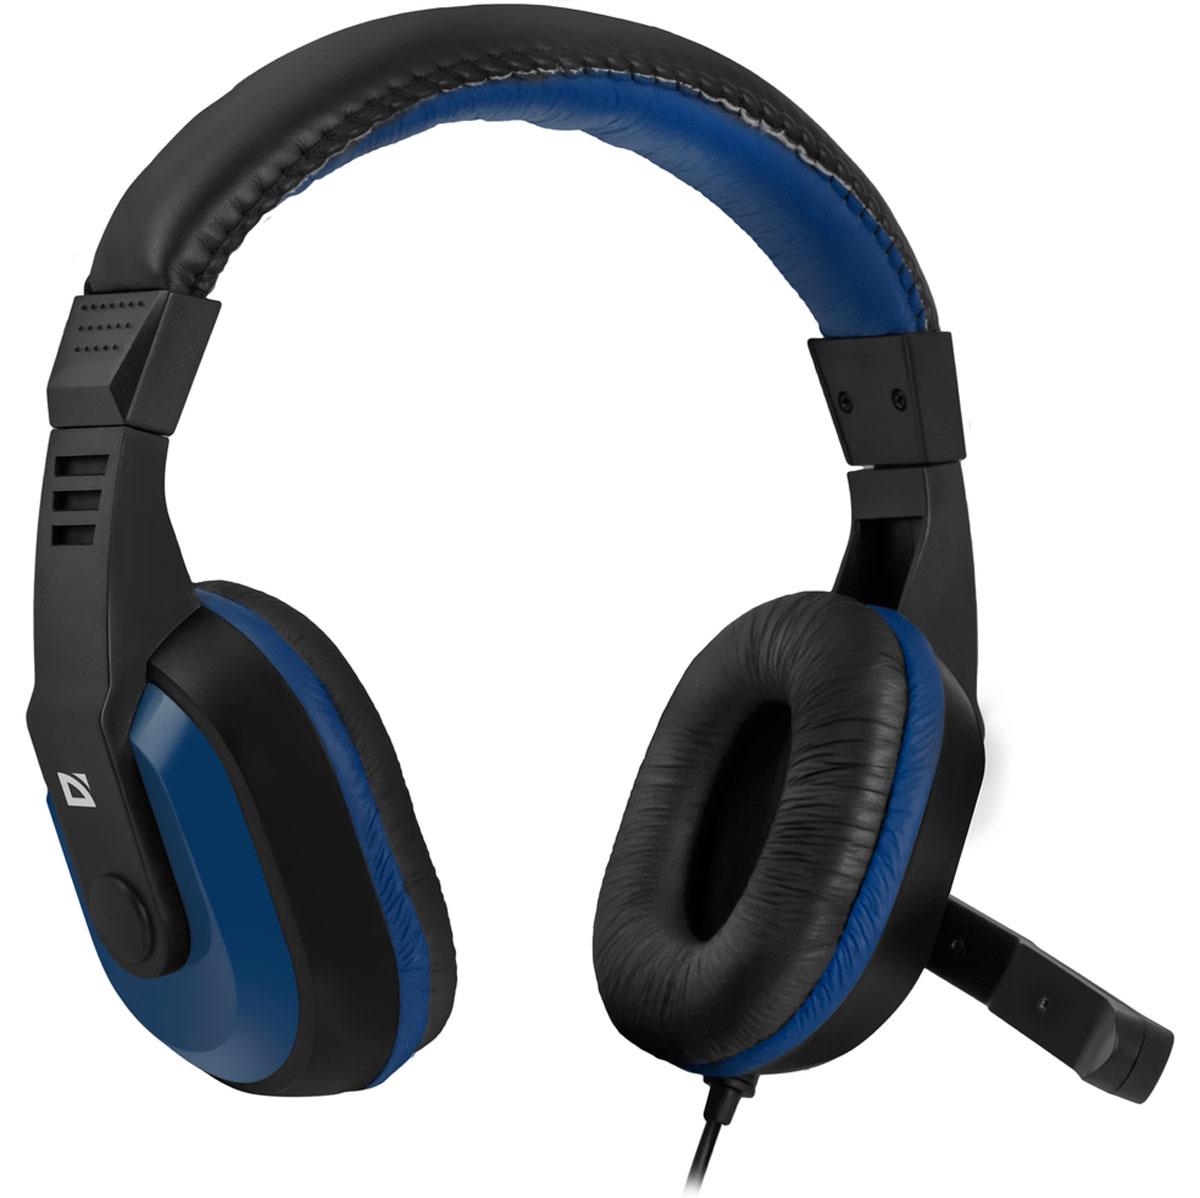 Defender Warhead G-190, Blue Black игровая гарнитура64116Игровая гарнитура Defender Warhead G-190 предназначена для компьютеров нового поколения, использующих комбинированный четырехпиновый разъем для наушников и микрофона. Наушники закрытого типа с большими 40 мм динамиками гарантируют мощный чистый звук. На кабеле гарнитуры удобно расположен регулятор громкости. Благодаря надежной звукоизоляции и комфортным амбюшурам вы сможете играть или слушать музыку с комфортом - ничто не будет вам мешать!Частотный диапазон микрофона: 20 Гц - 16 кГцСопротивление микрофона: 2,2 кОмаЧувствительность микрофона: 54 дБ